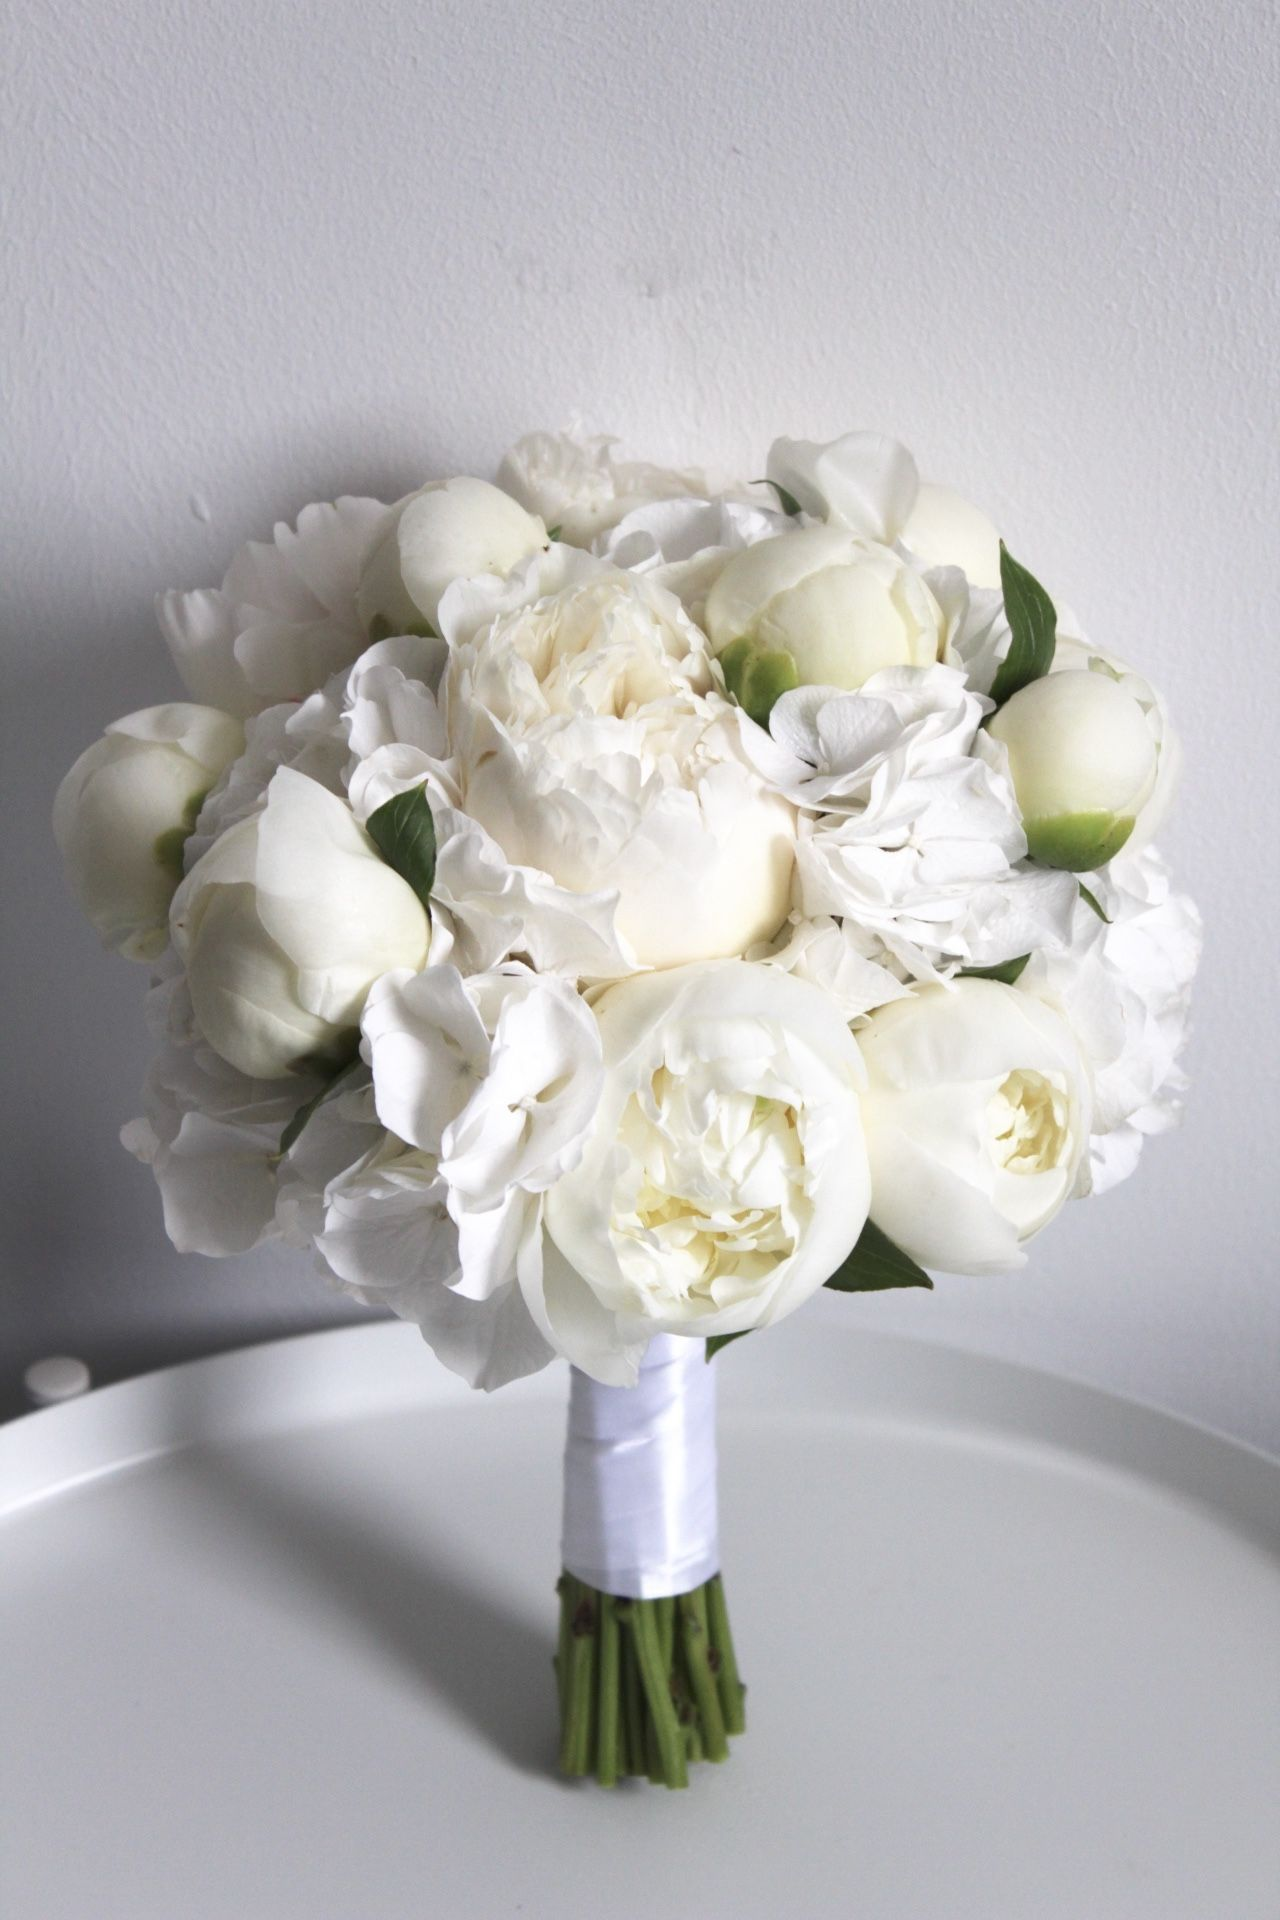 Standesamt-Brautstrauß in Weiß #brautblume Liebe Bräute, so schön kann ein Brautstrauß in Weiß sein. Ob für das Standesamt oder für die kirchliche Trauung. Mit Pfingstrosen und Hortensien. #whitebridalbouquets